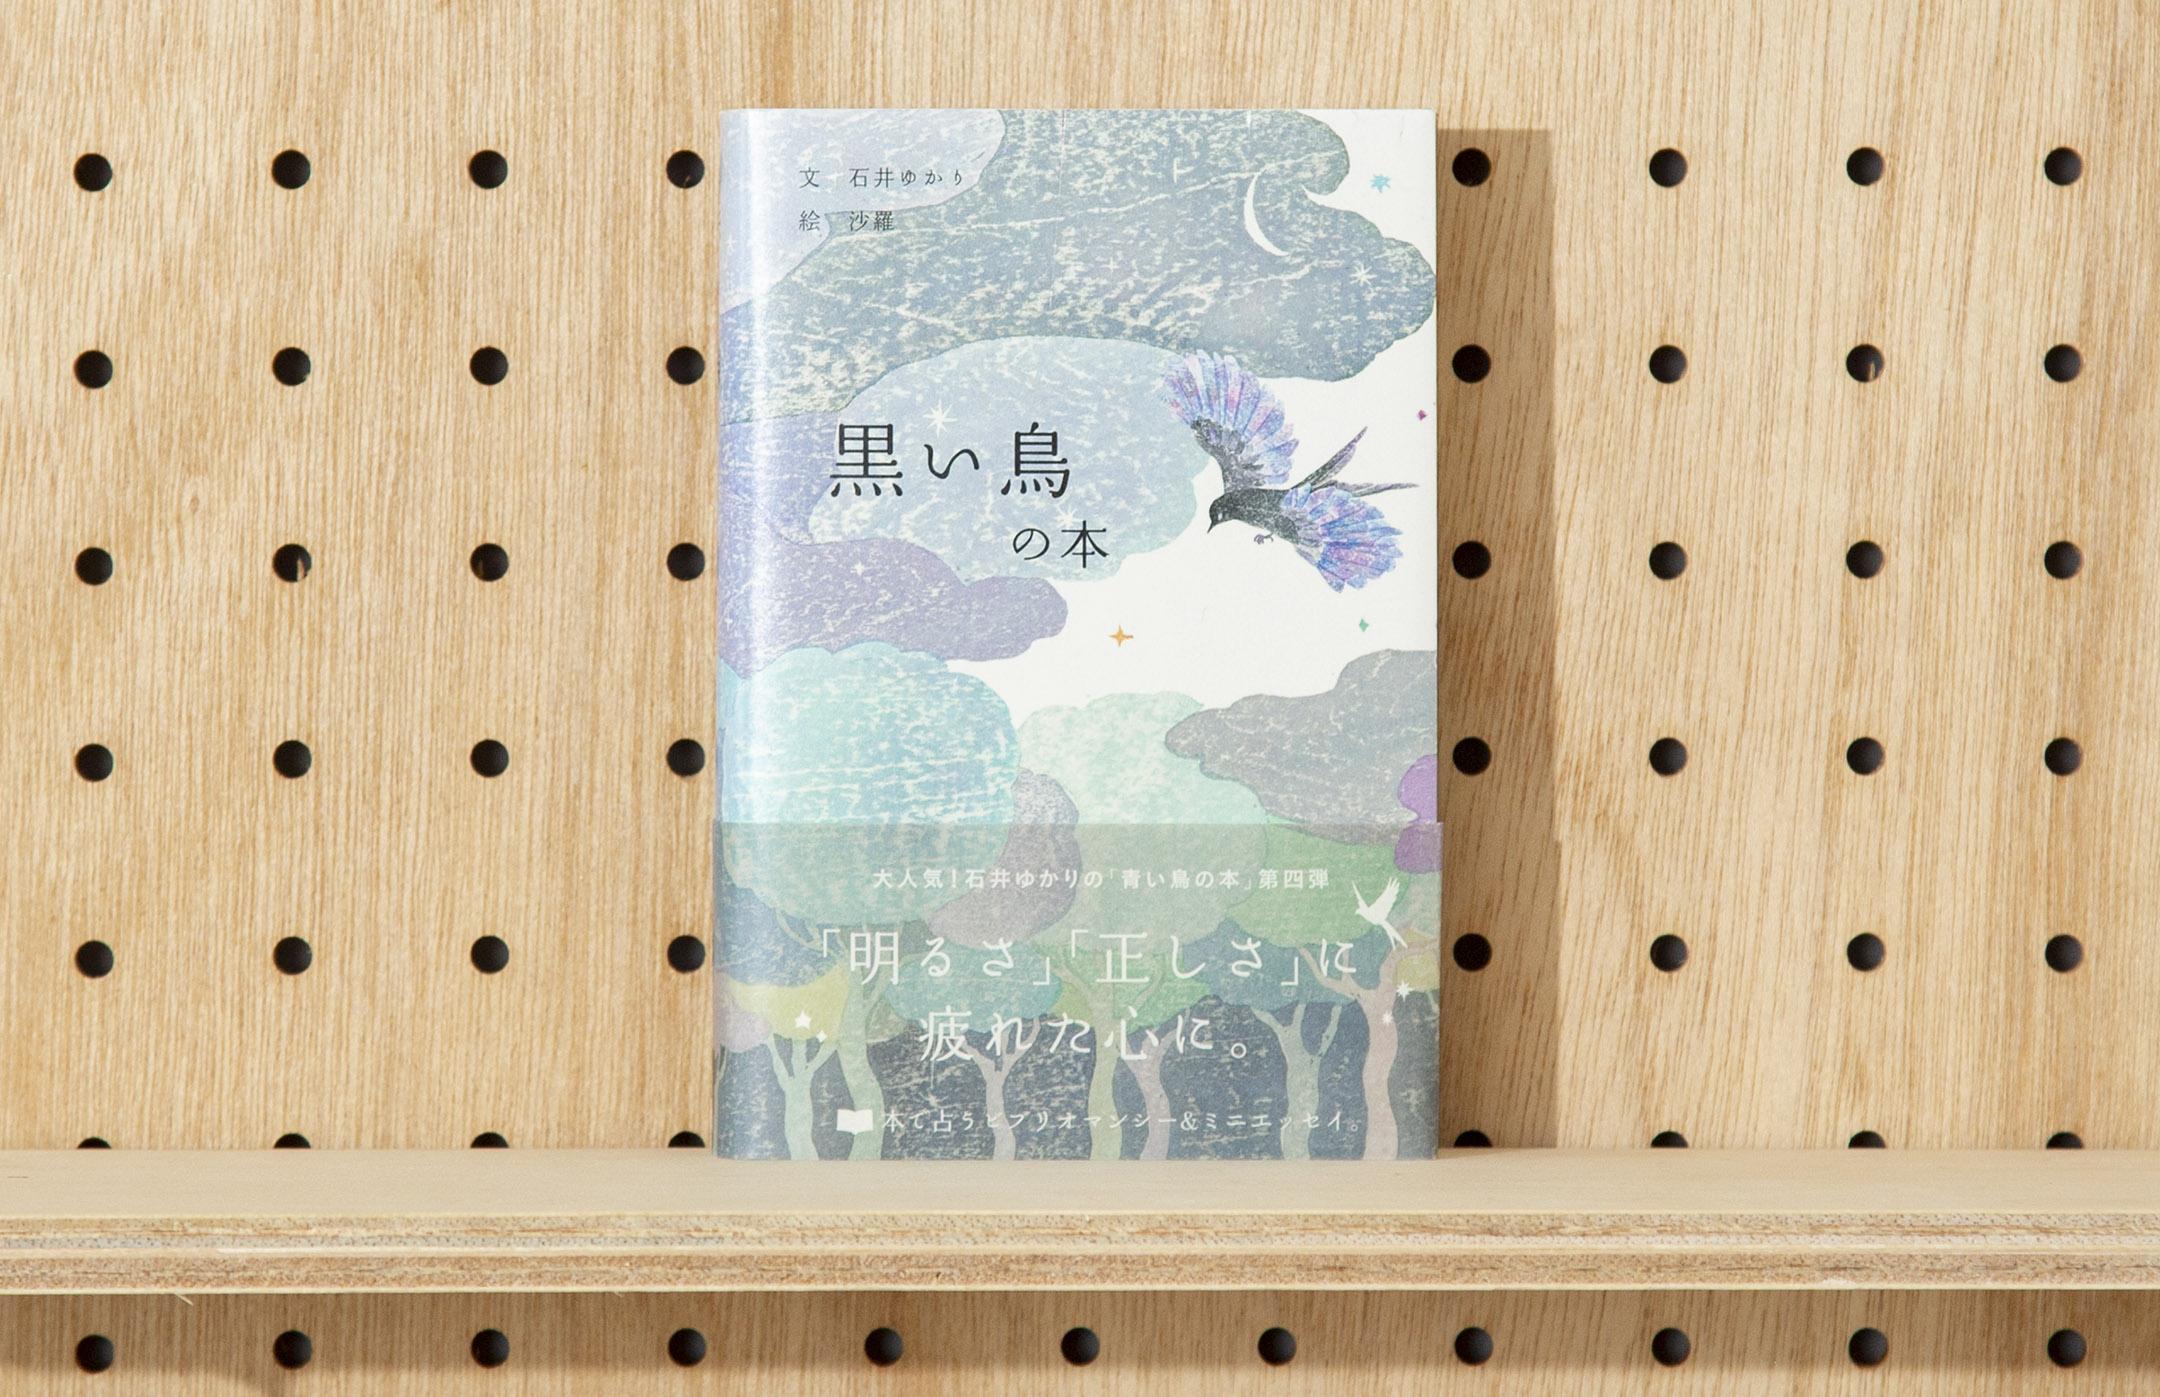 石井ゆかり「黒い鳥の本」